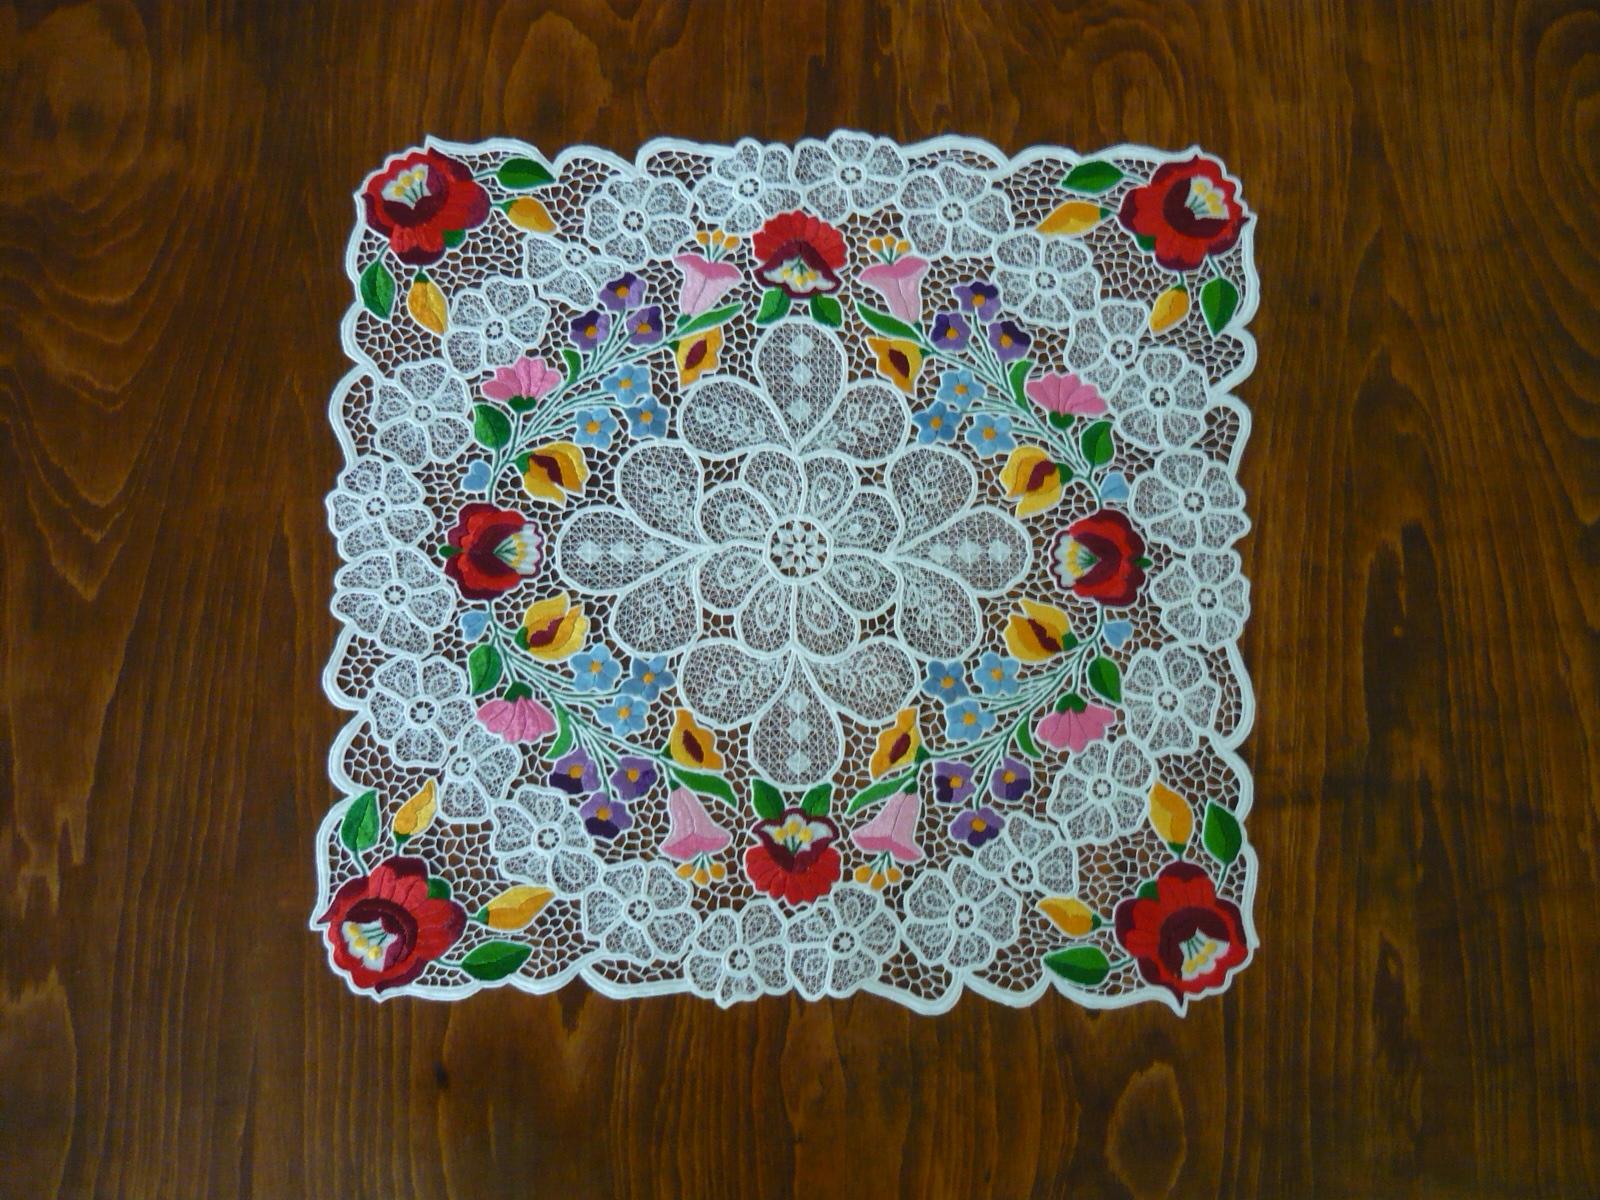 Riselt kalocsai asztalközép 50 x 50 cm